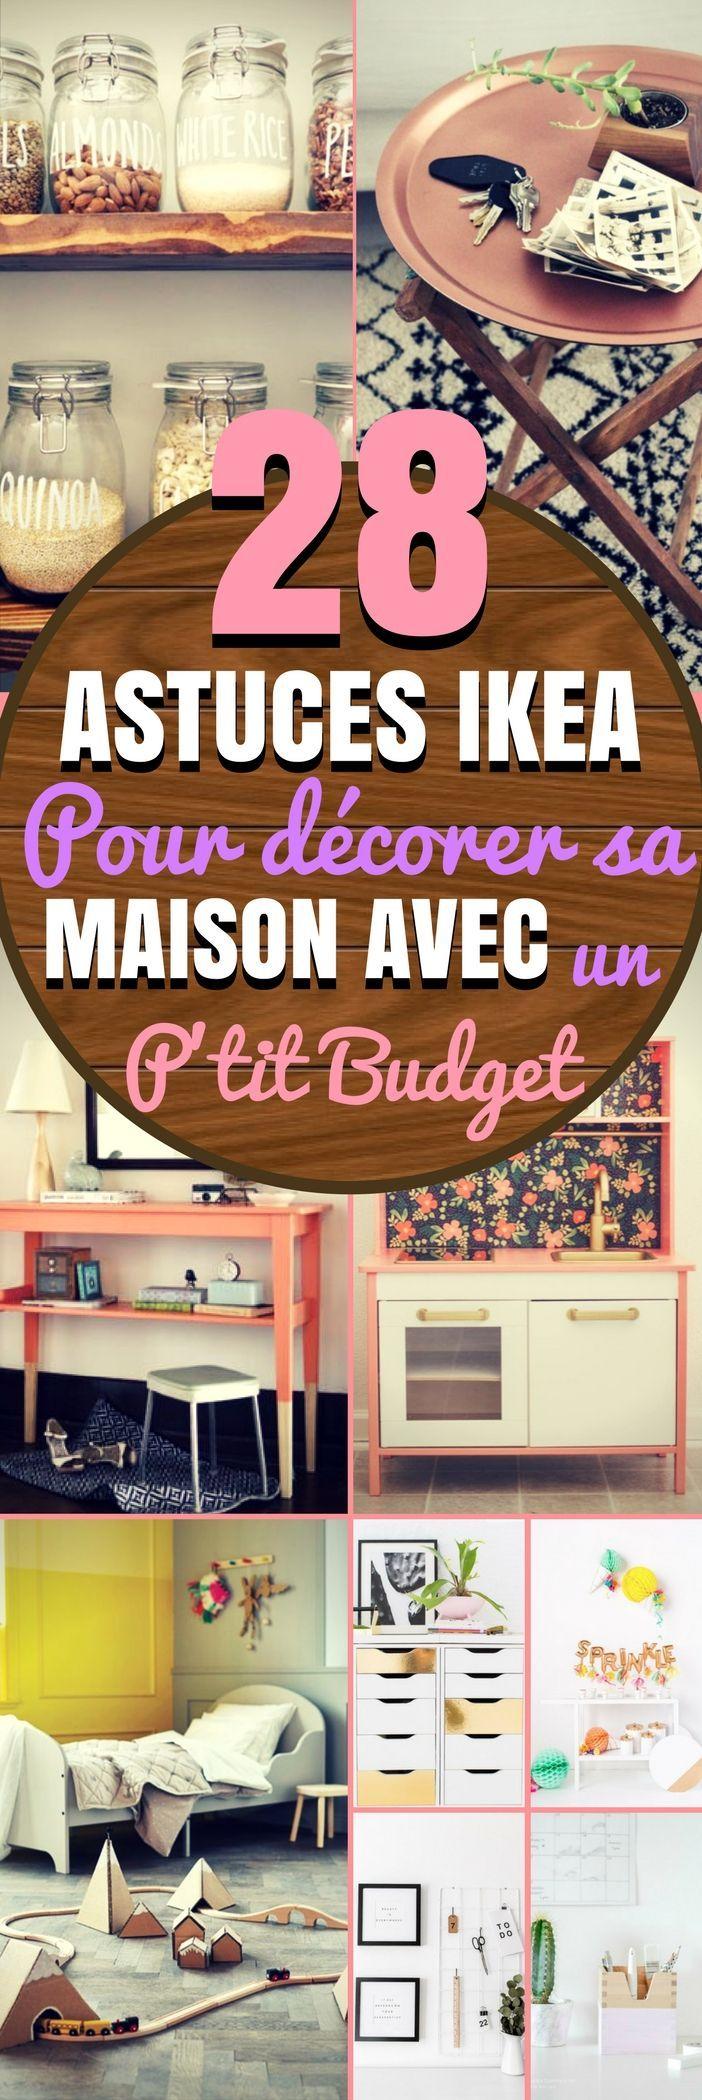 28 dtournements incroyables de meubles ikea pour dcorer sa maison avec un ptit budget bao y decoracin